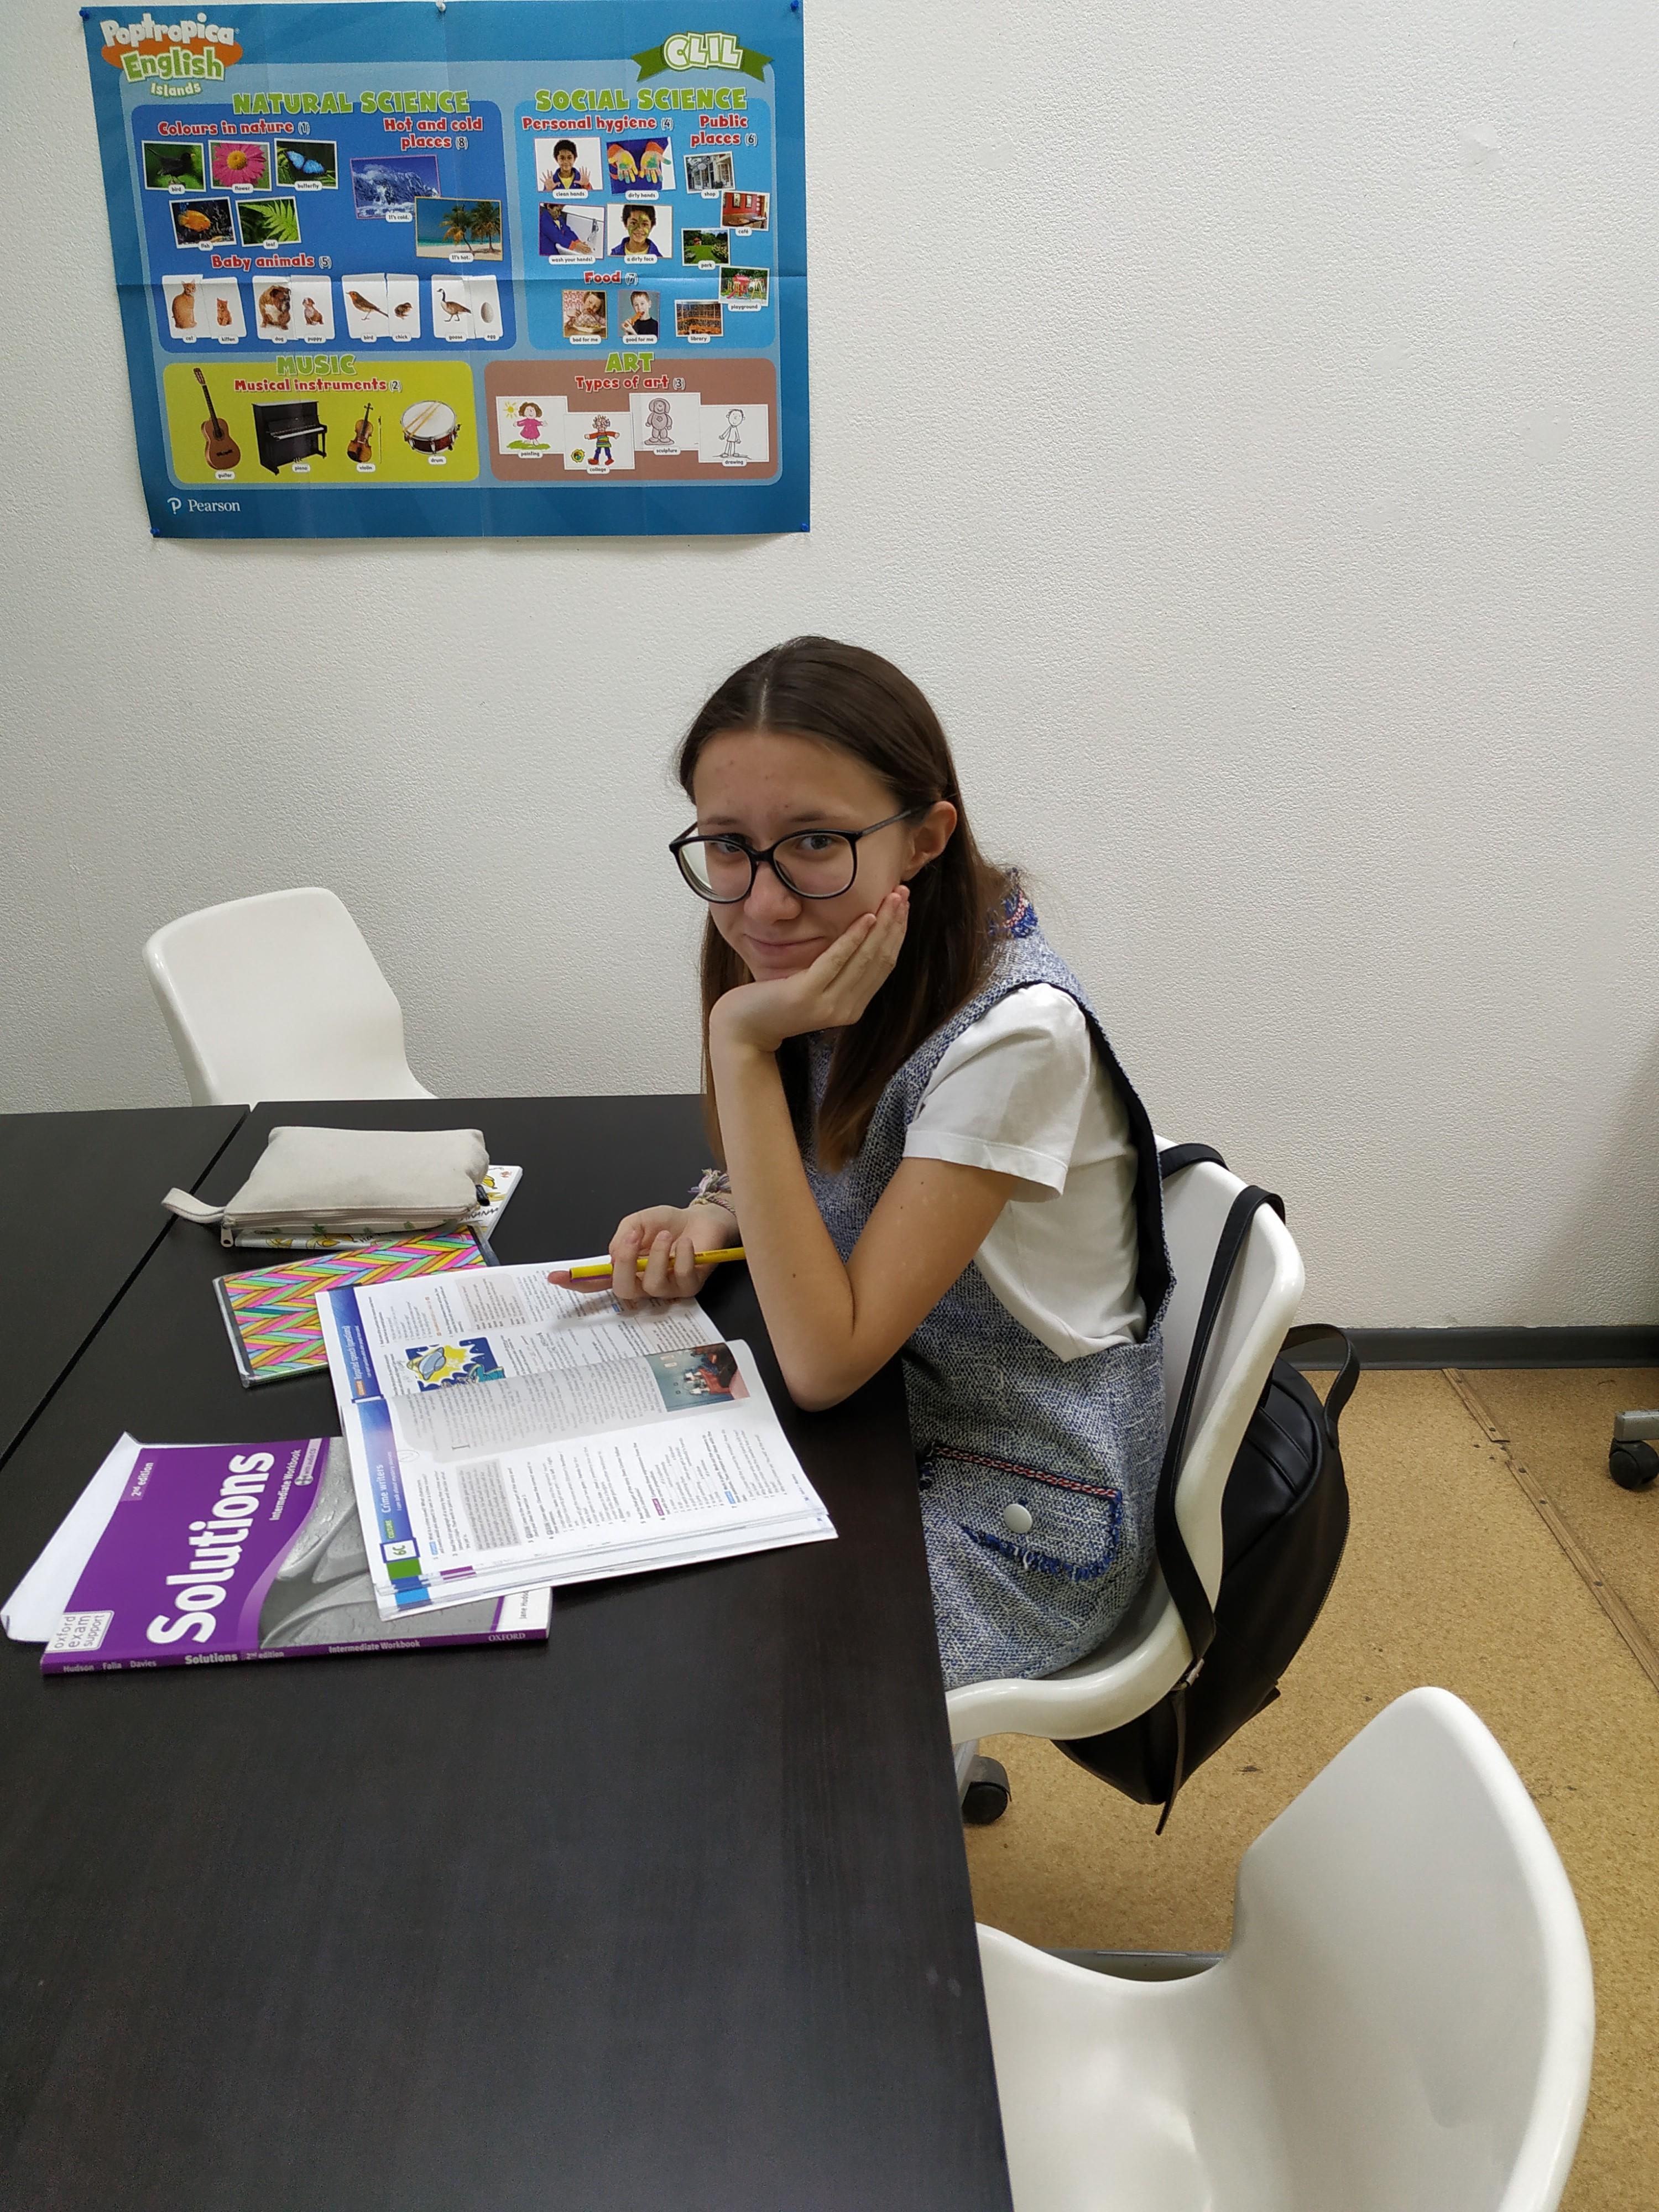 Подготовка к ЕГЭ по английскому языку, к ОГЭ по английскому языку, ЕГЭ по немецкому языку, ОГЭ по немецкому языку